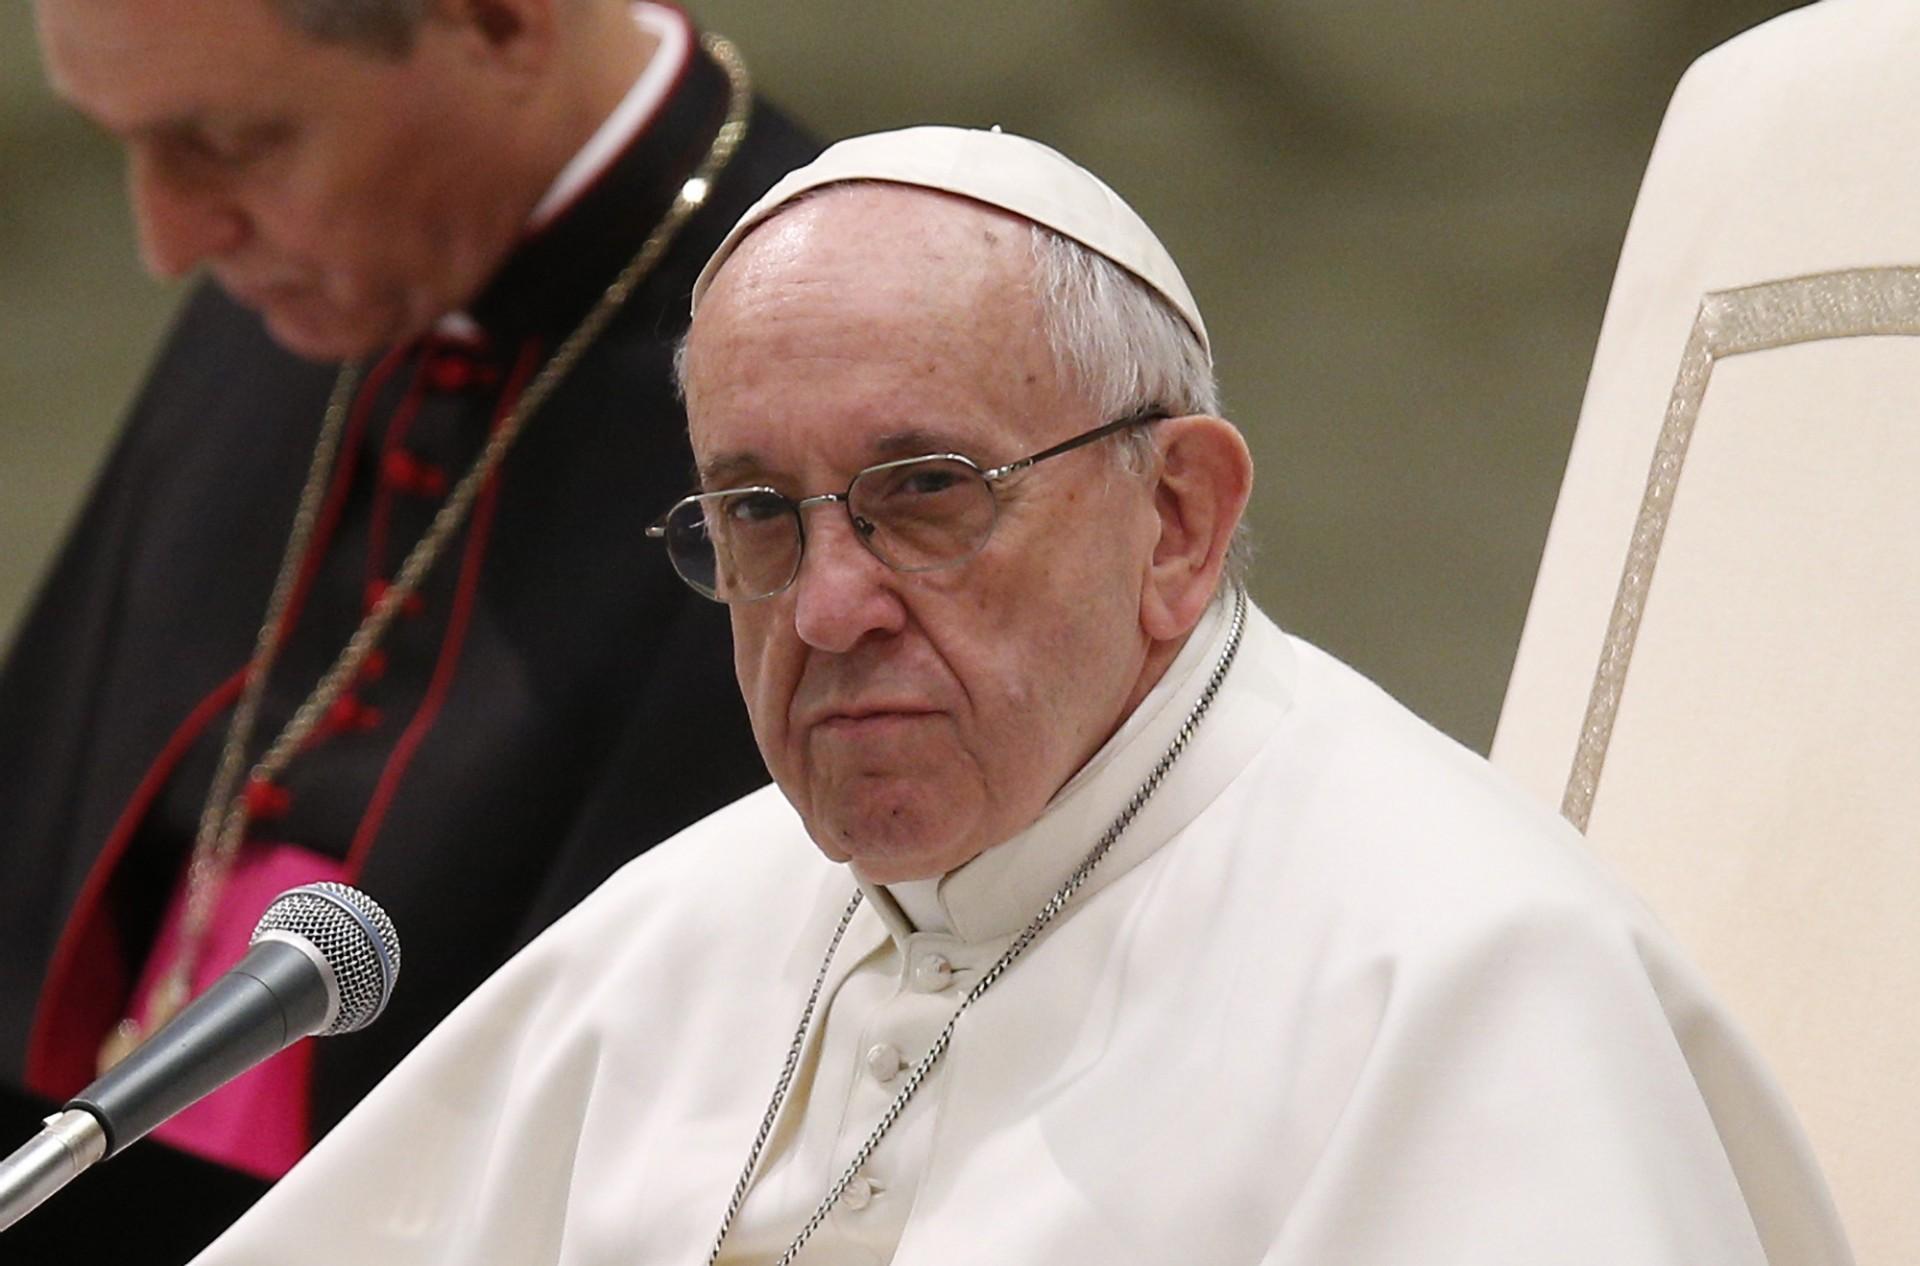 Внести корективи дотексту «Отче наш» пропонує Папа Римський